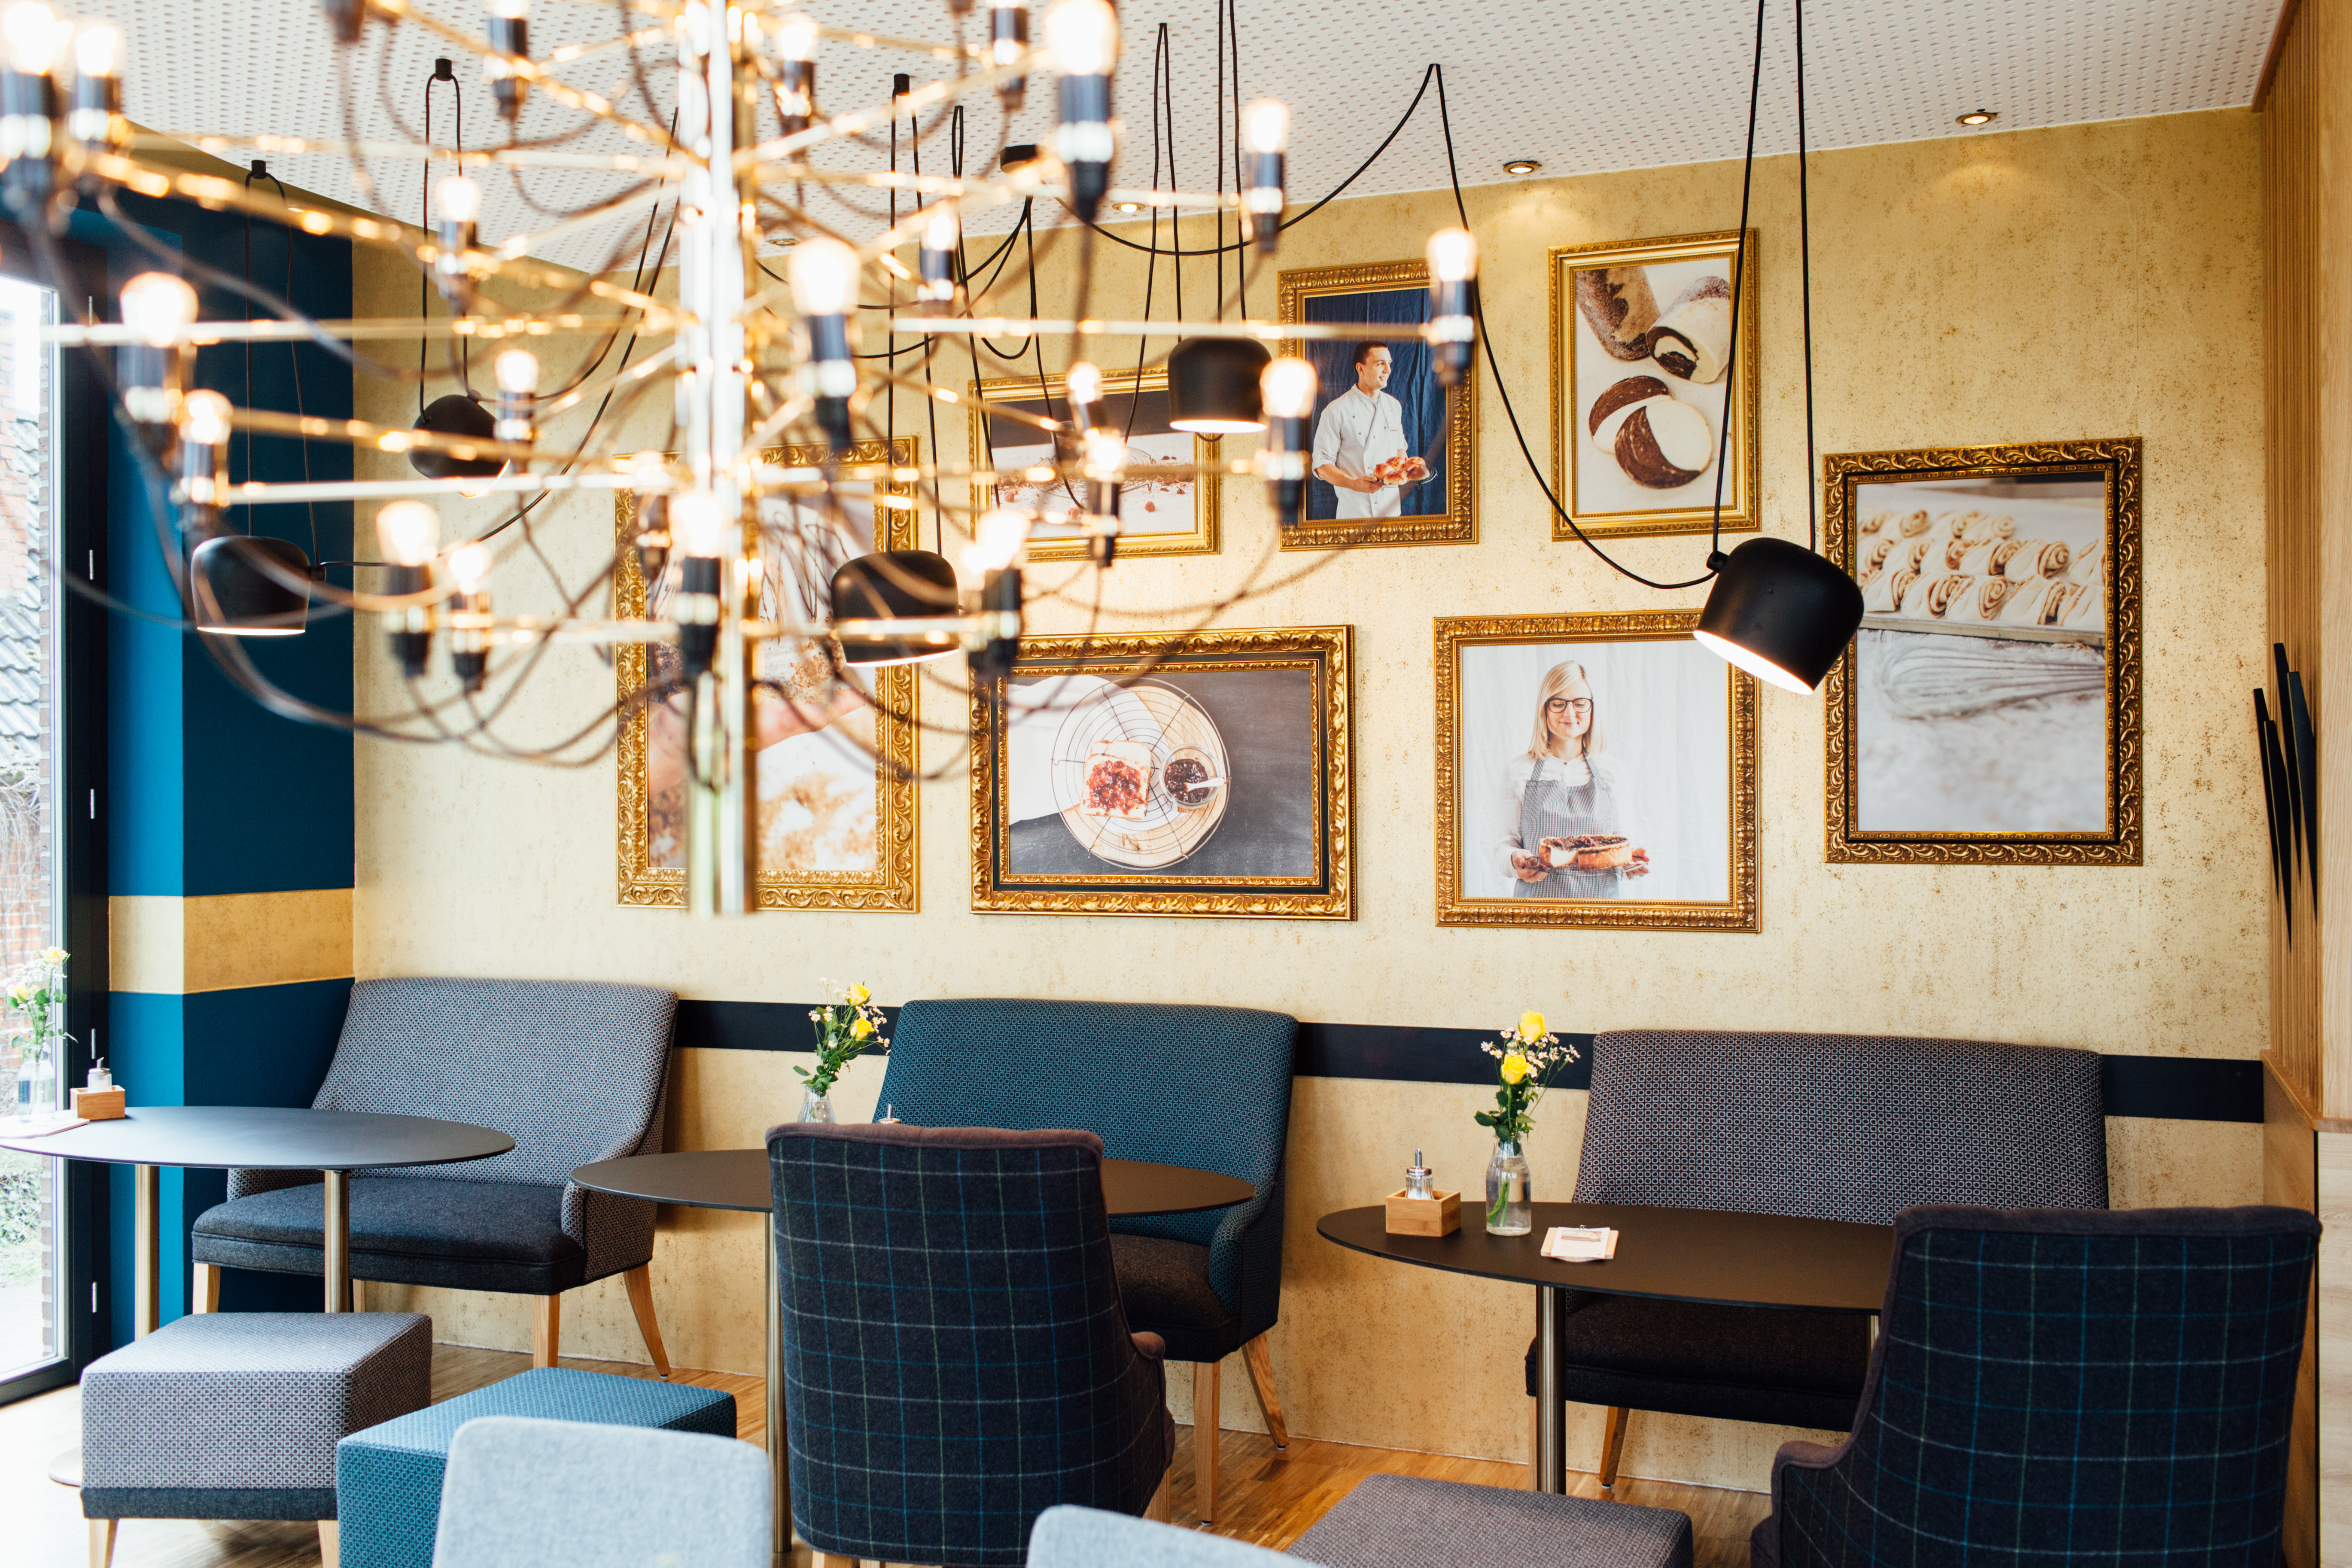 sitzplätze-im-café